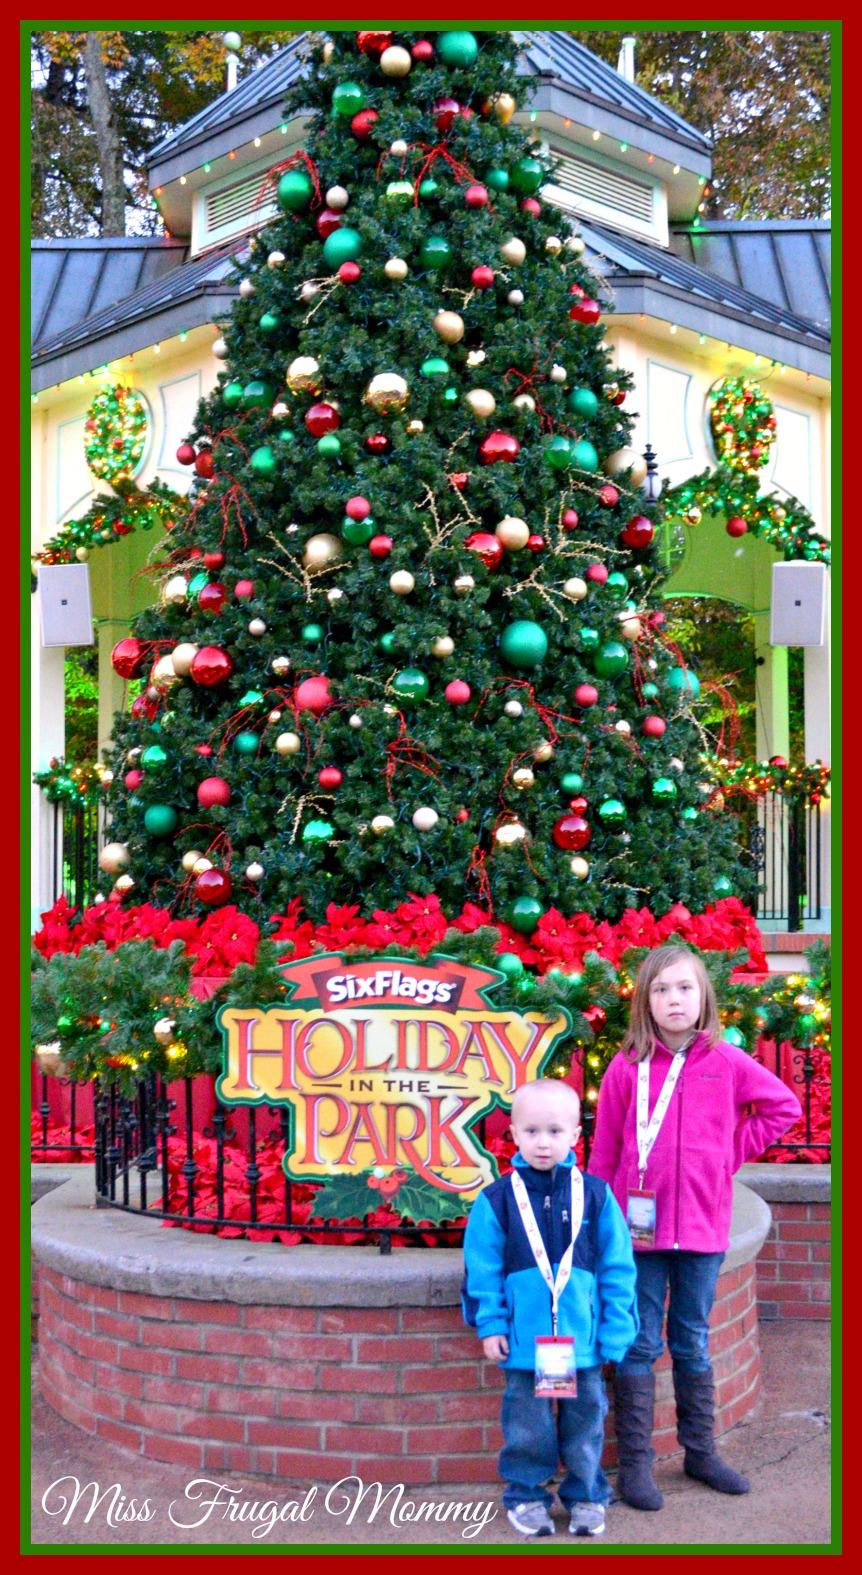 holidayinthepark1